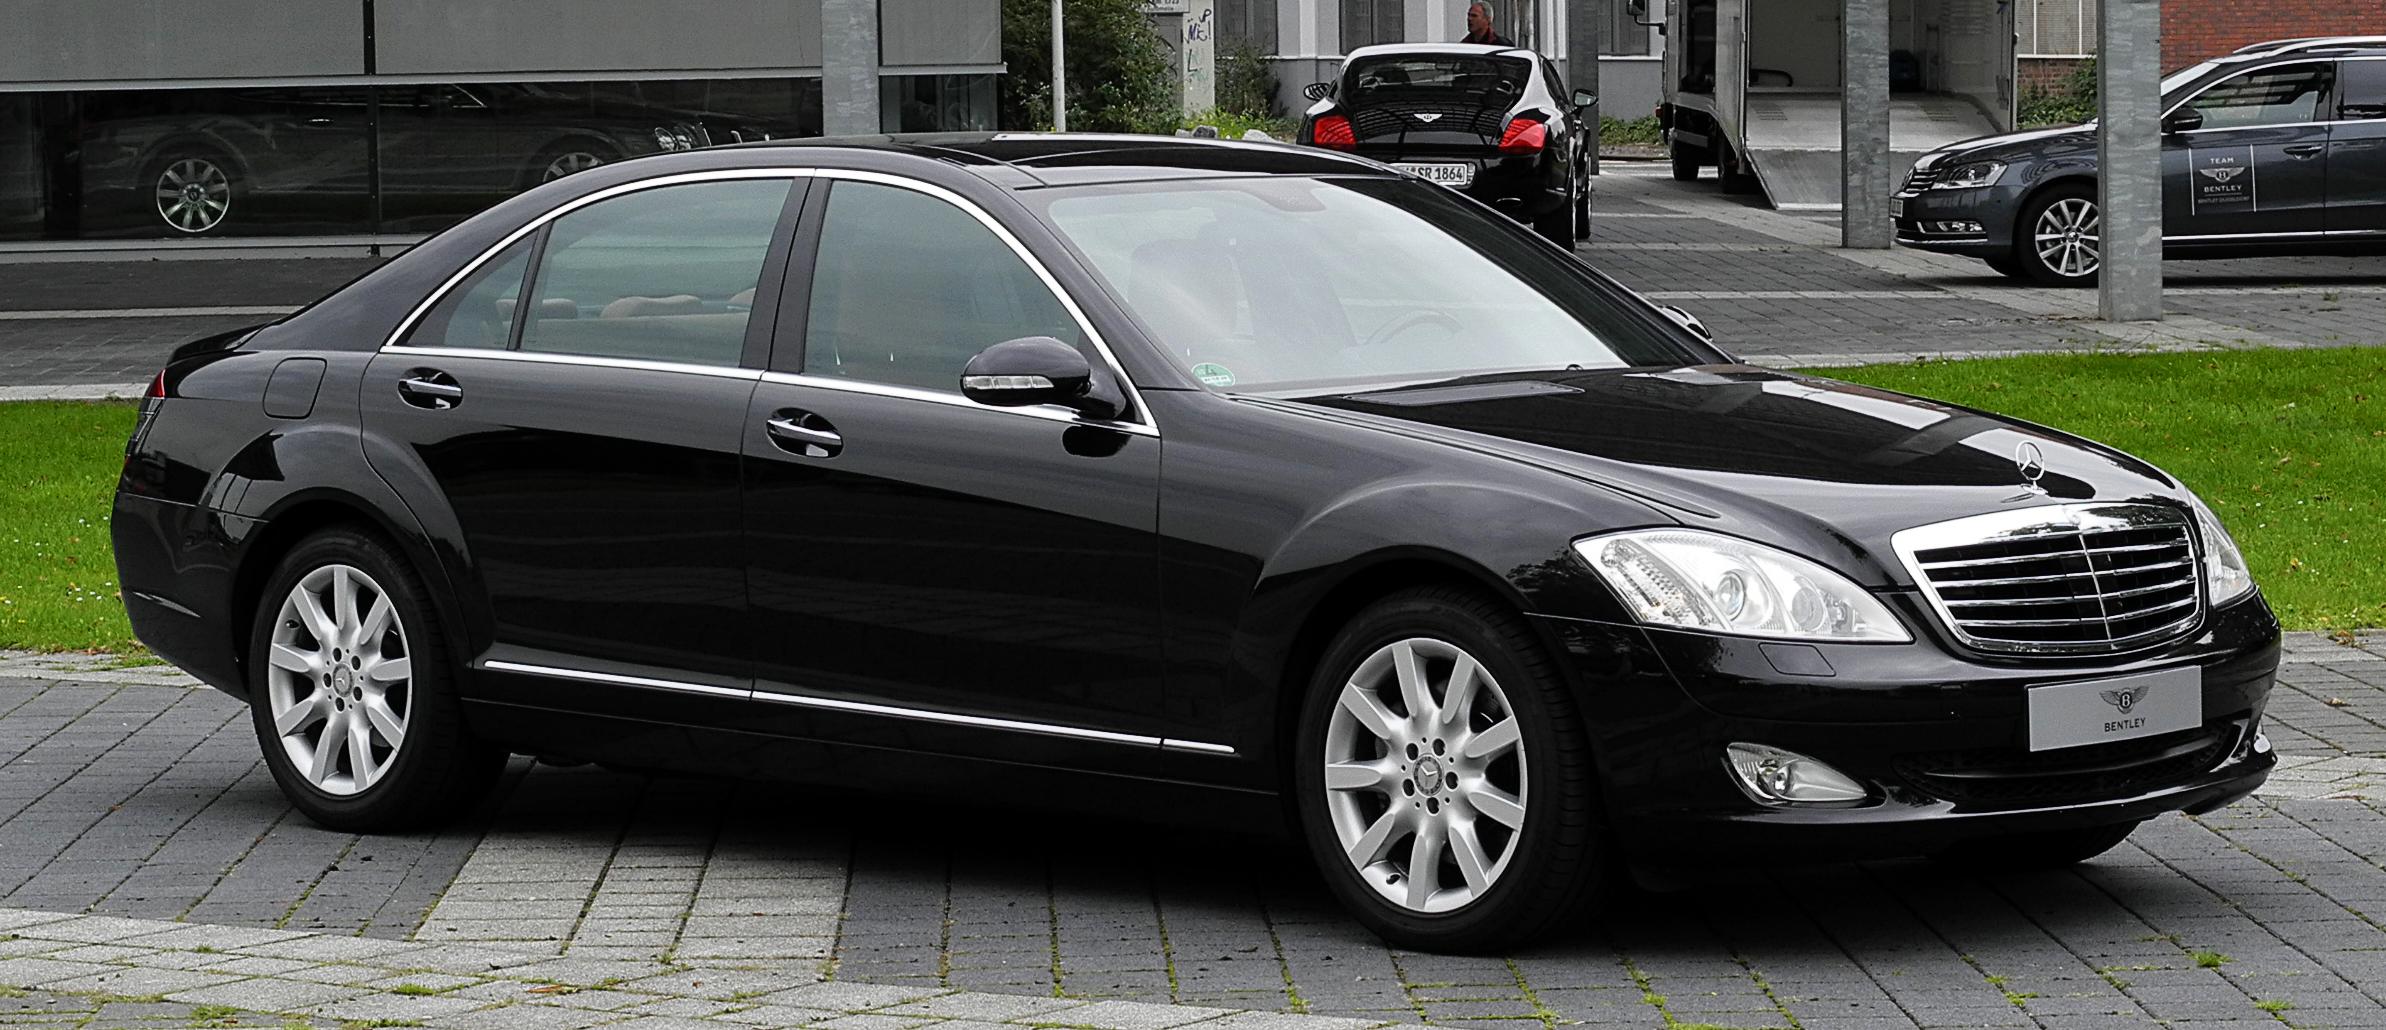 Mercedes S Klasse T Modell